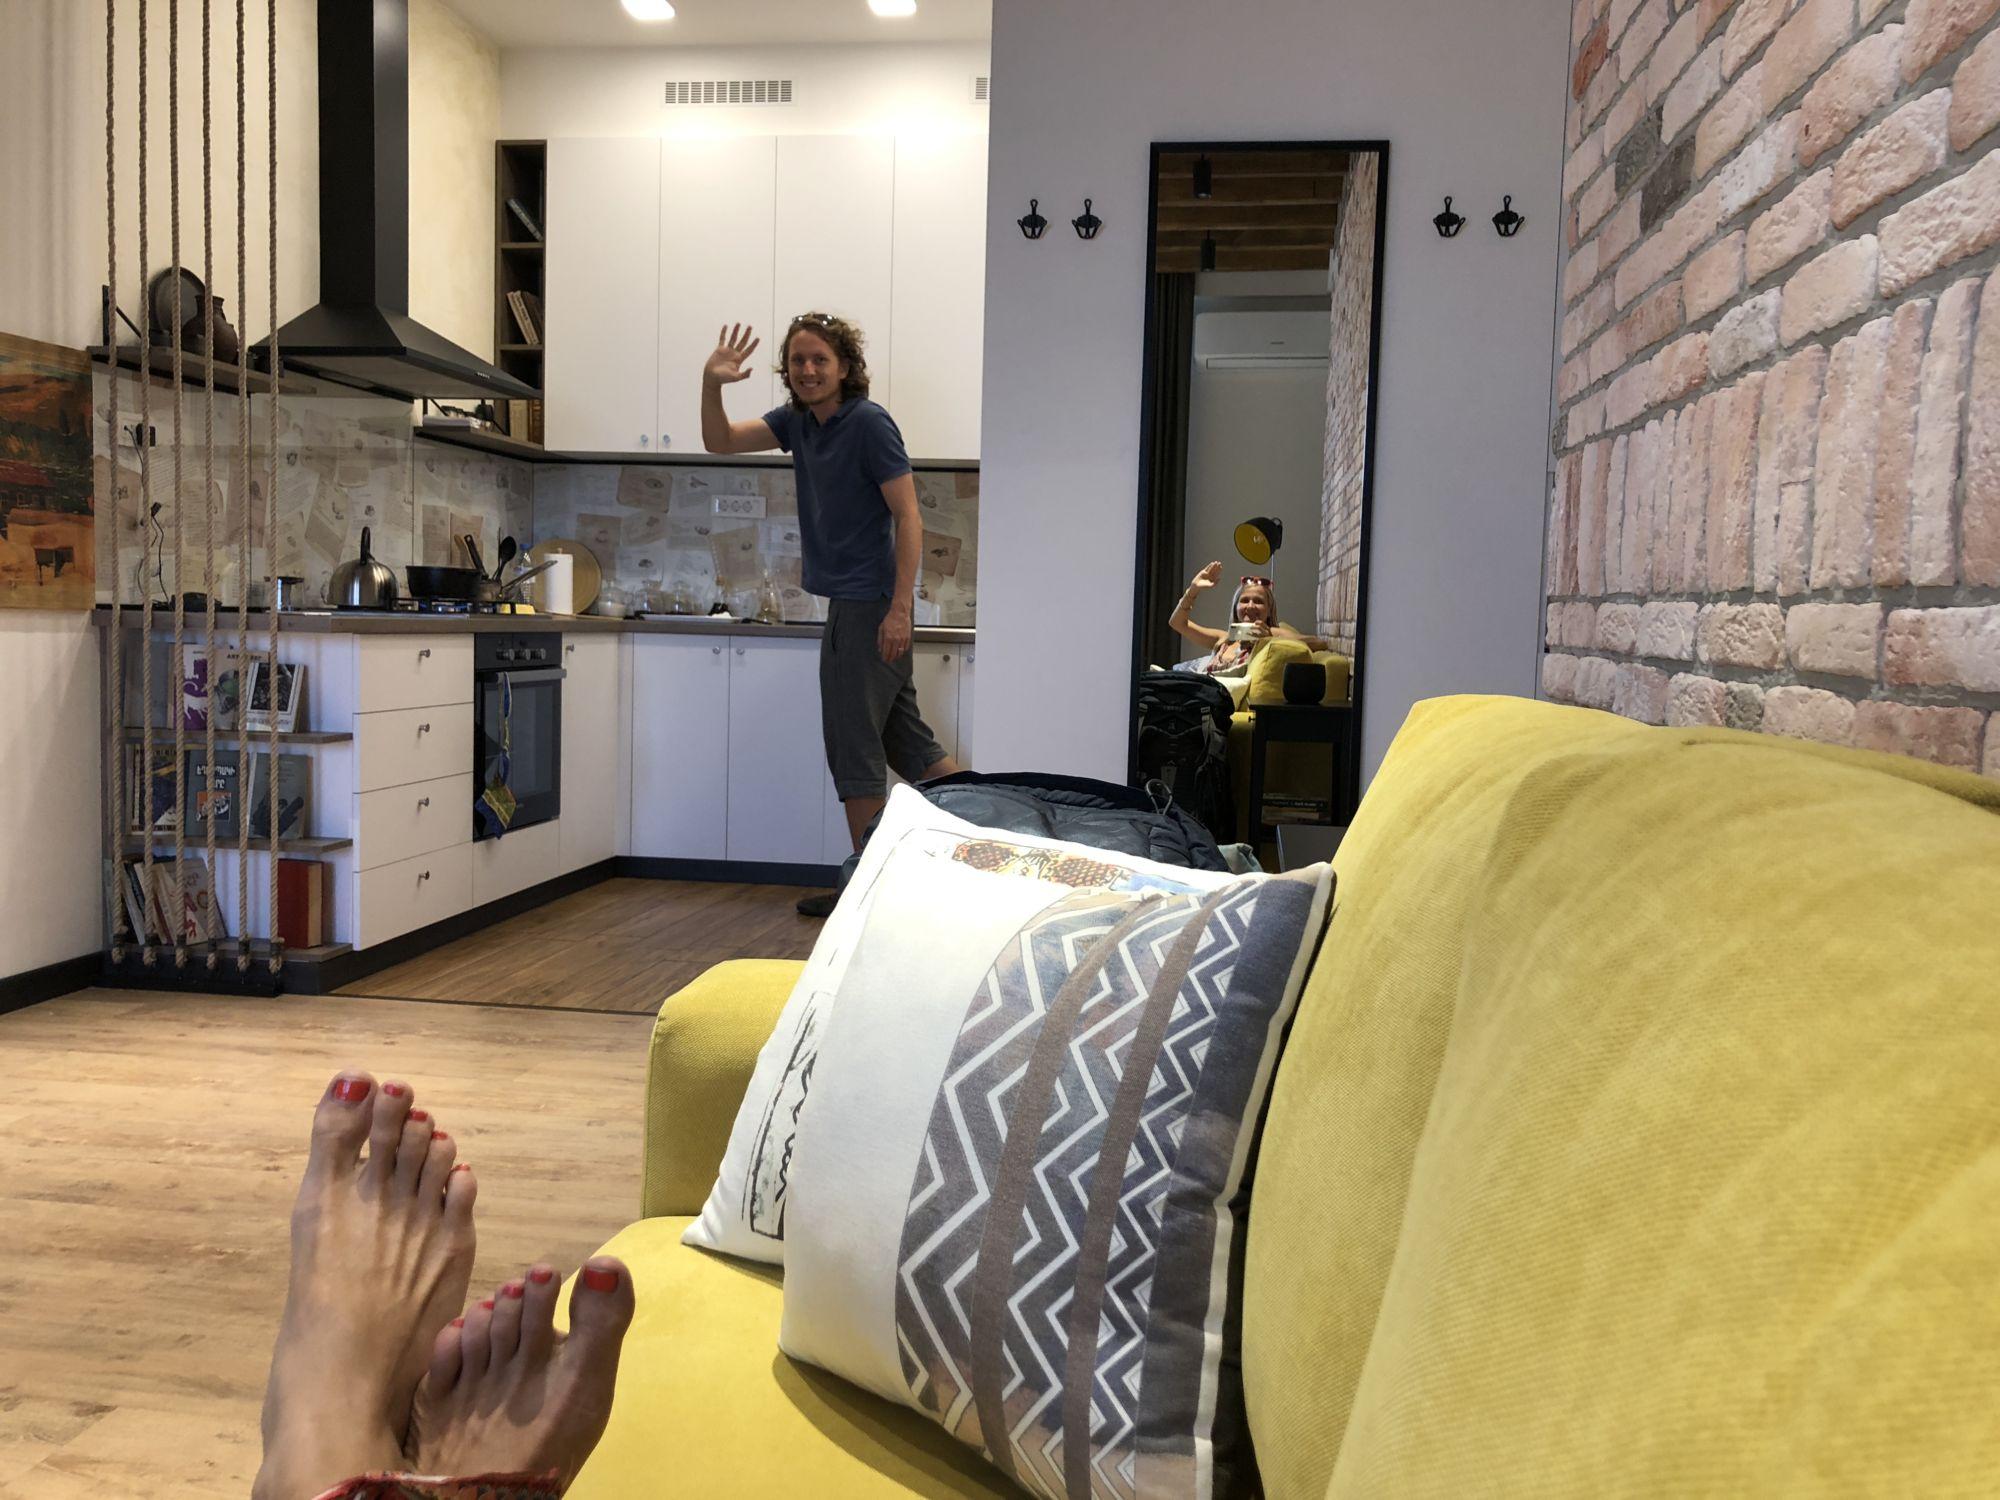 Zkušenosti s ubytováním Airbnb v Arménii